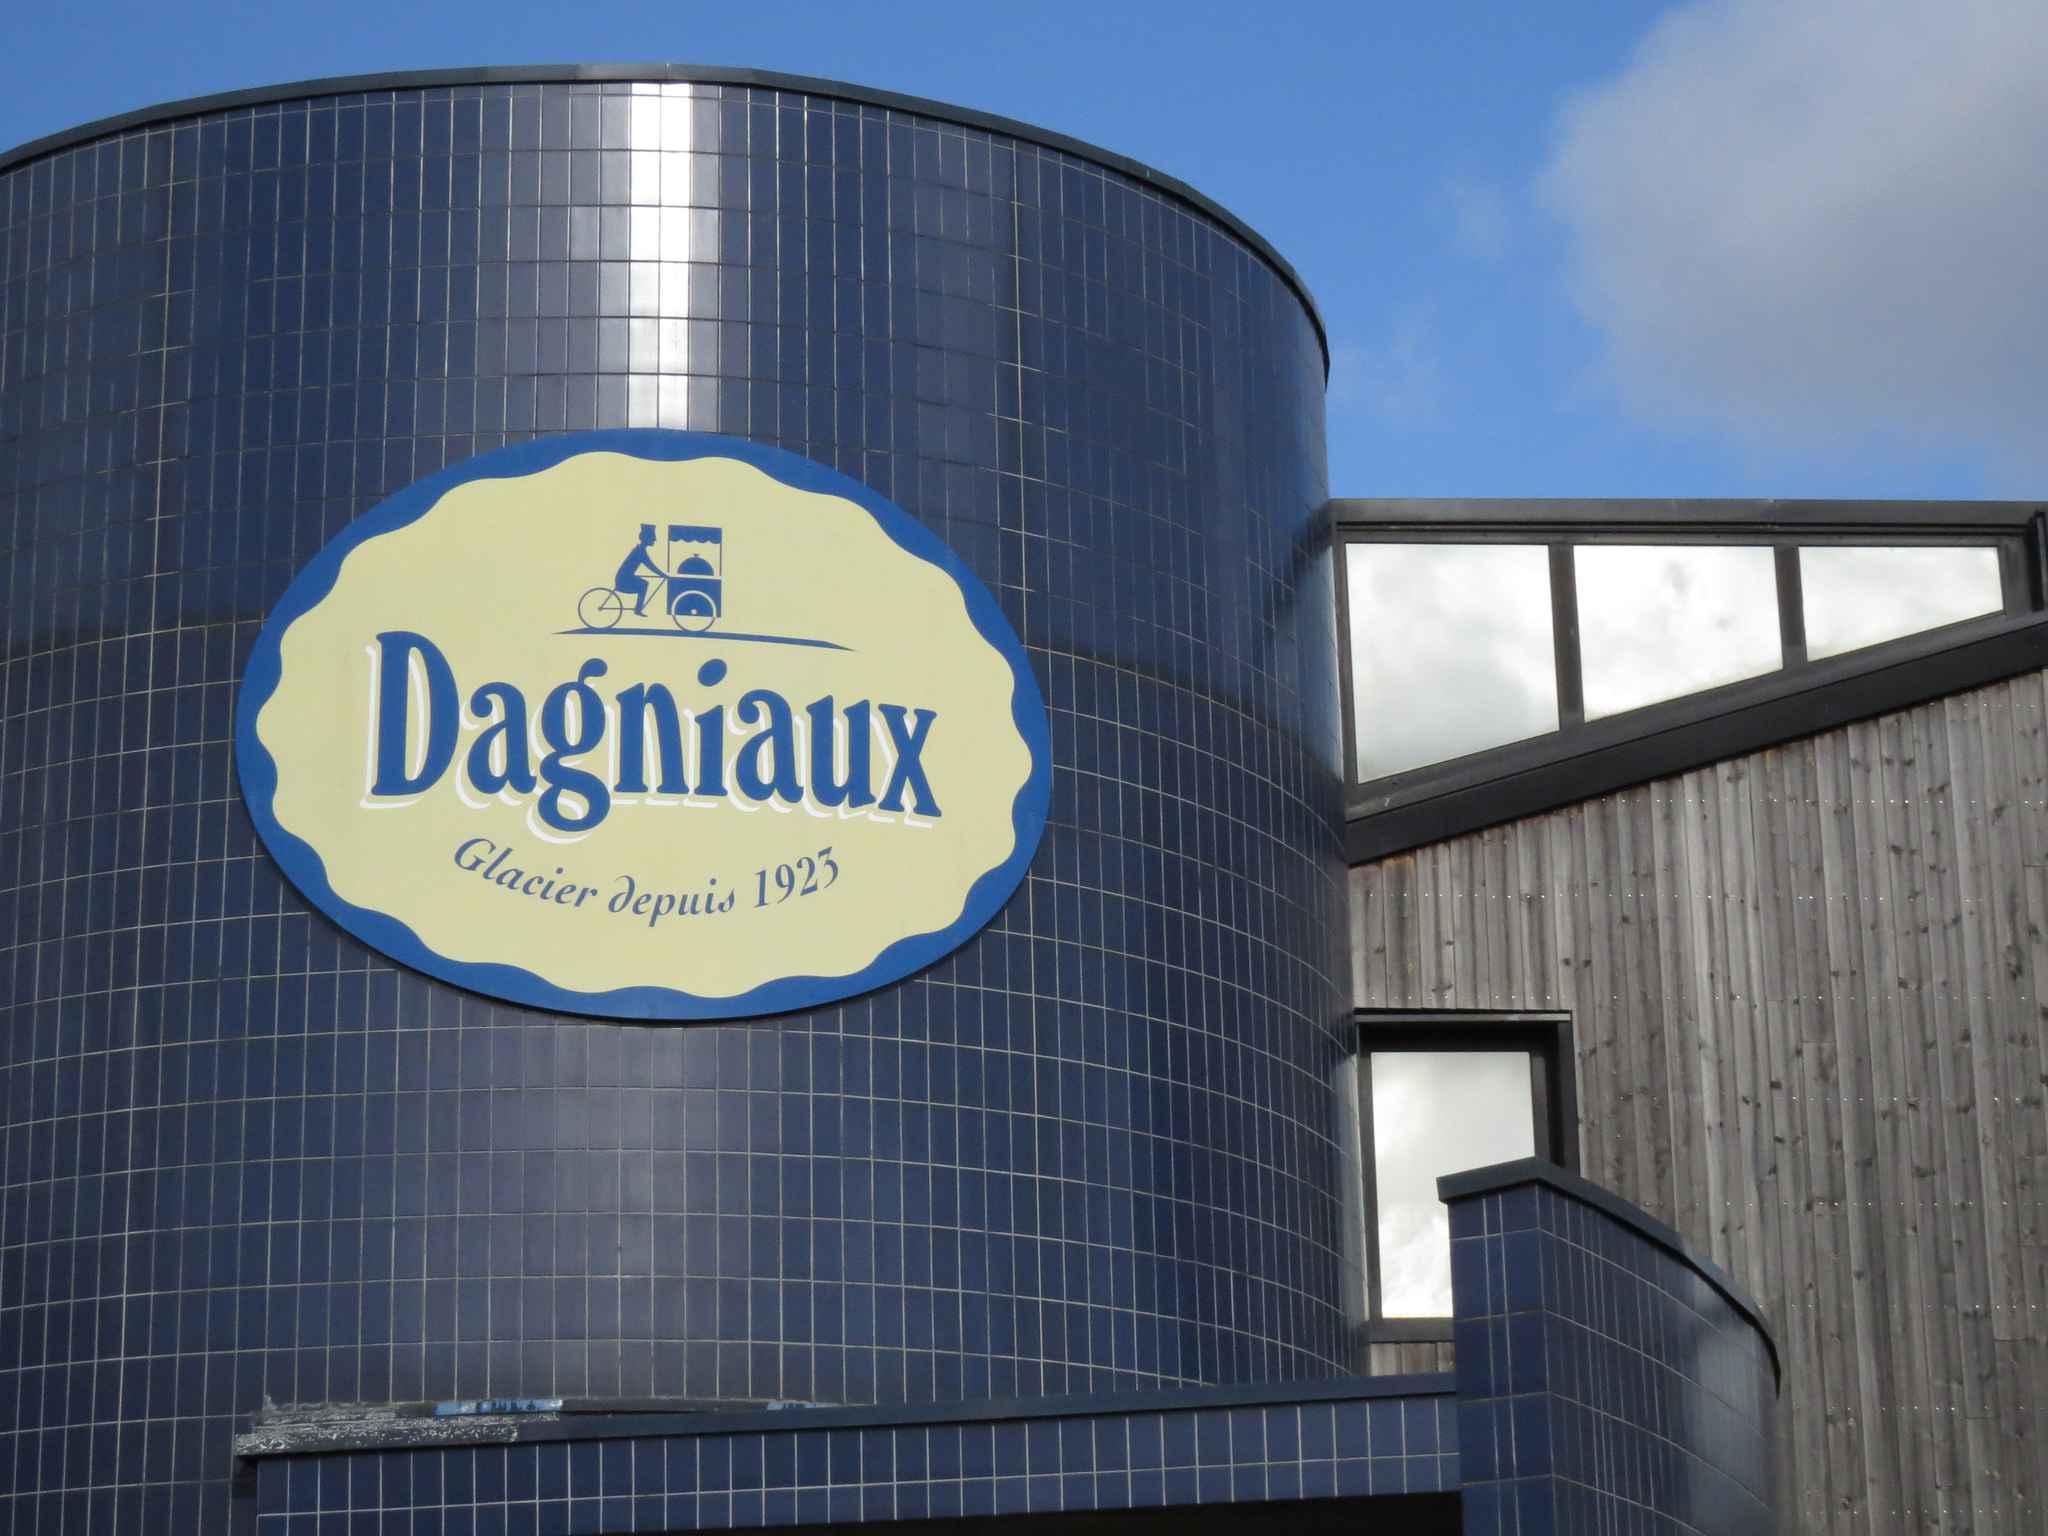 Nord reste t il un espoir face la faillite du fabricant de glaces dagniaux - Adresse de l usine a roubaix ...